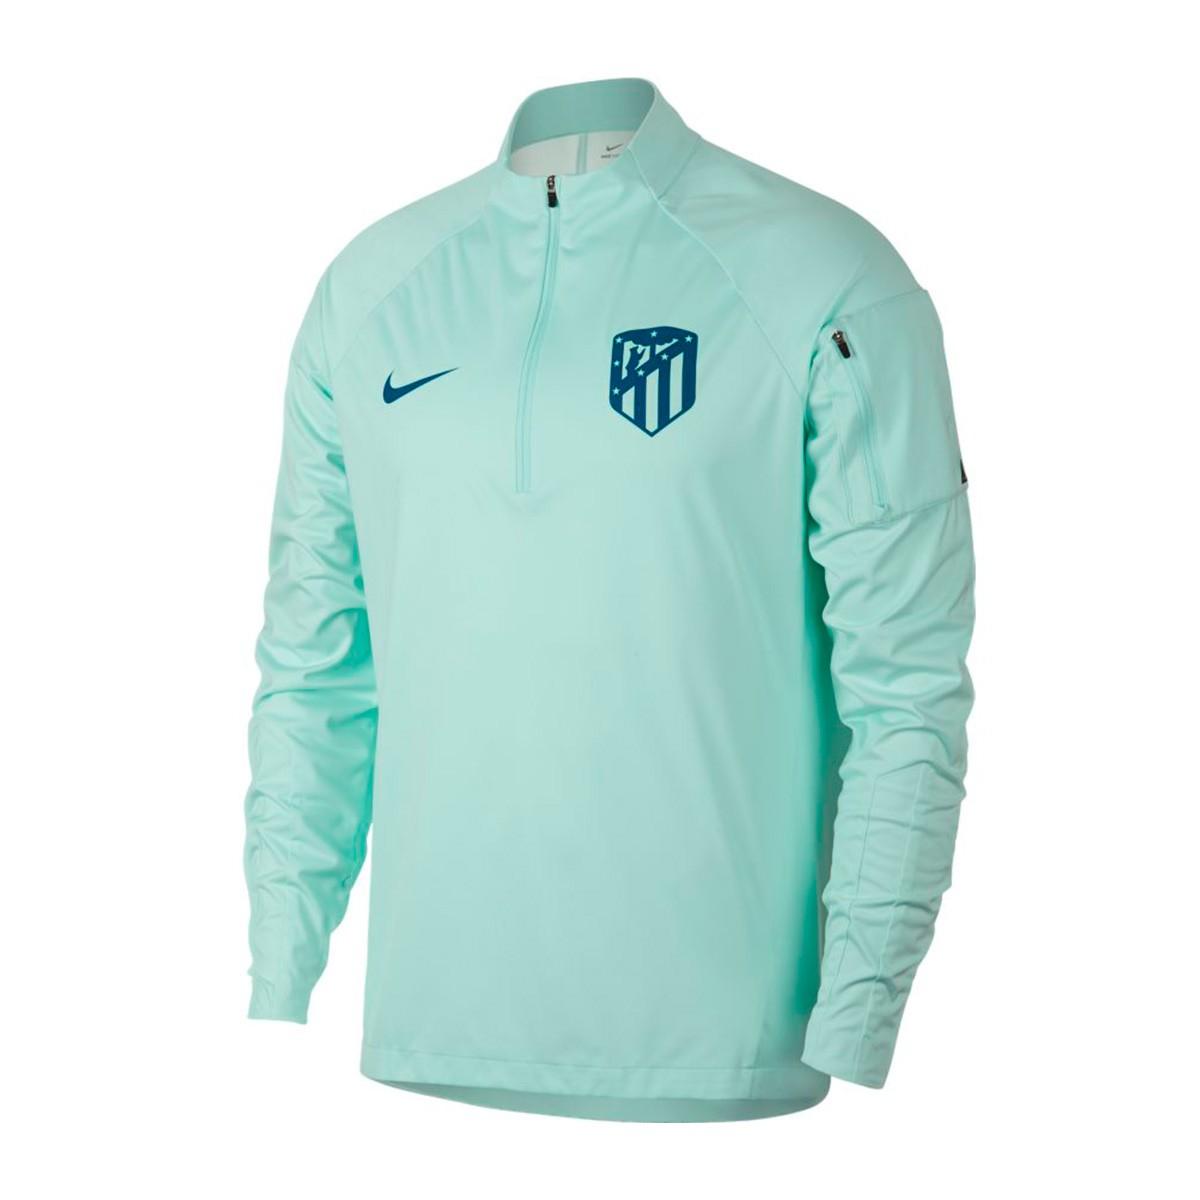 e61f4a172a83e Sweatshirt Nike Atlético de Madrid Squad 2018-2019 Igloo-Green abyss ...